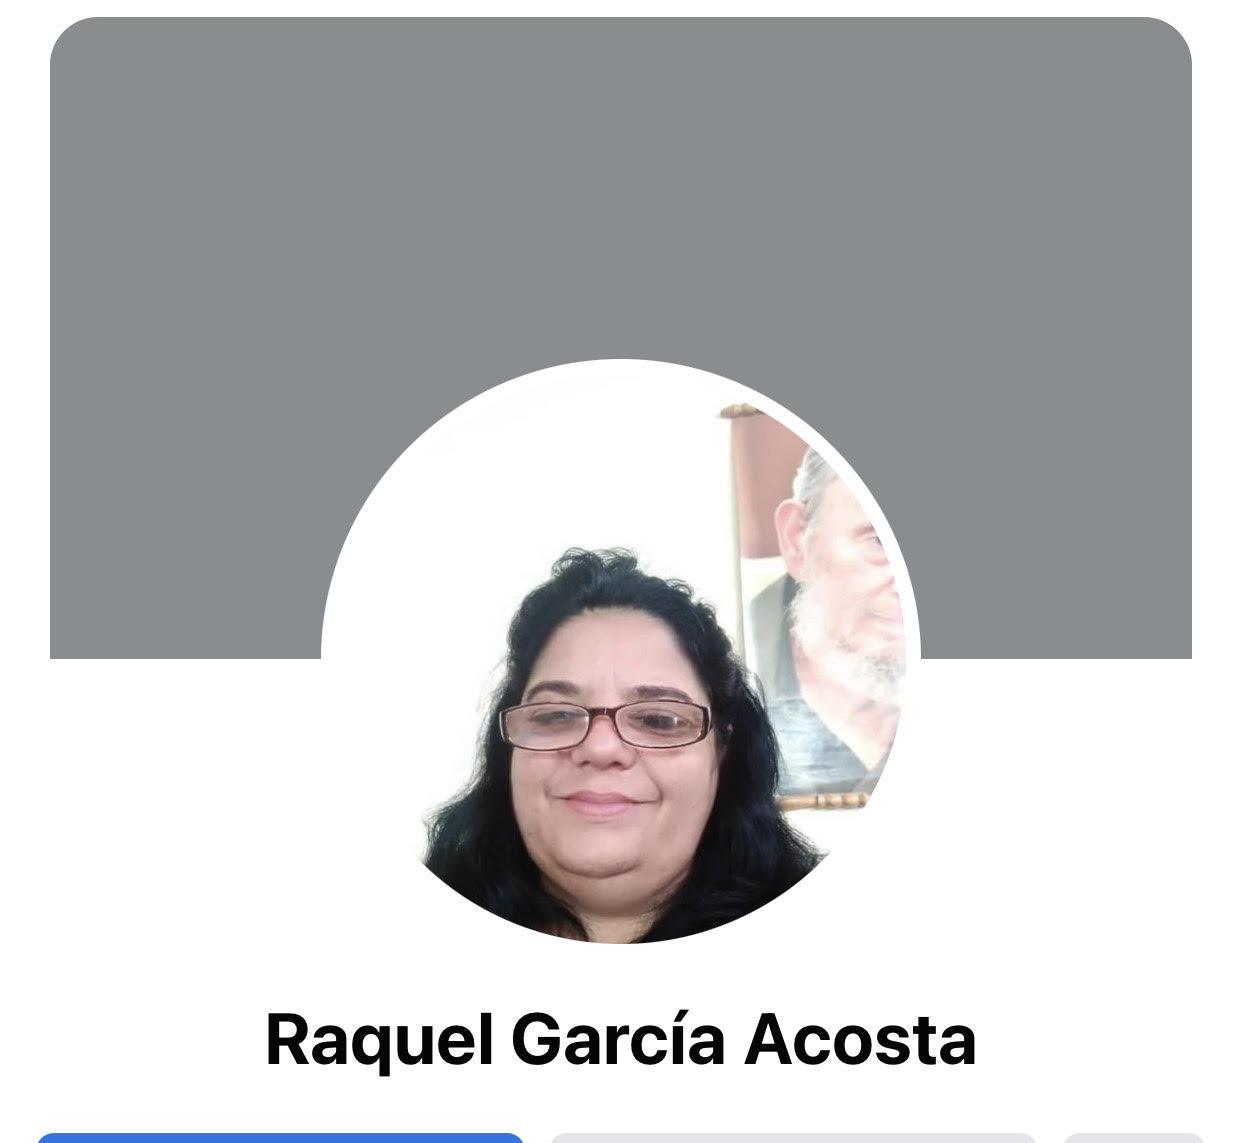 Raquel García Acosta